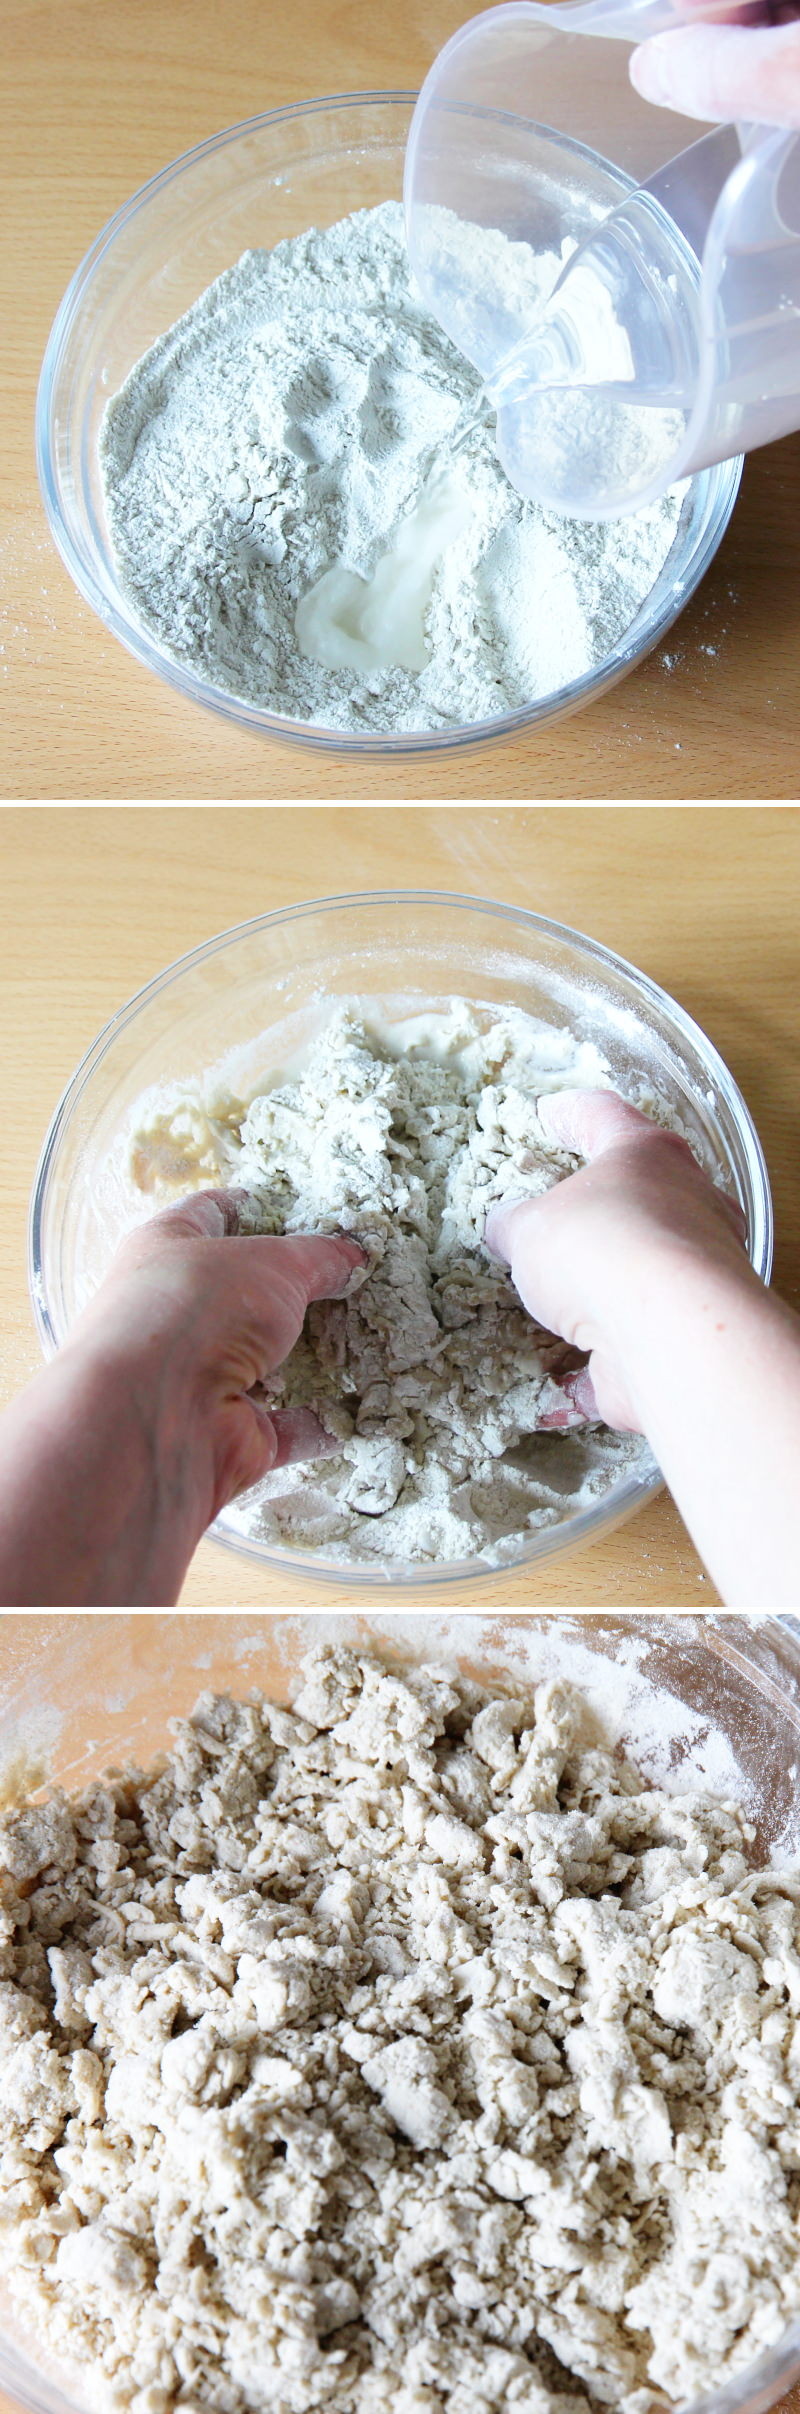 Soba Nudeln selbst machen Schritt 3 Teig vermischen